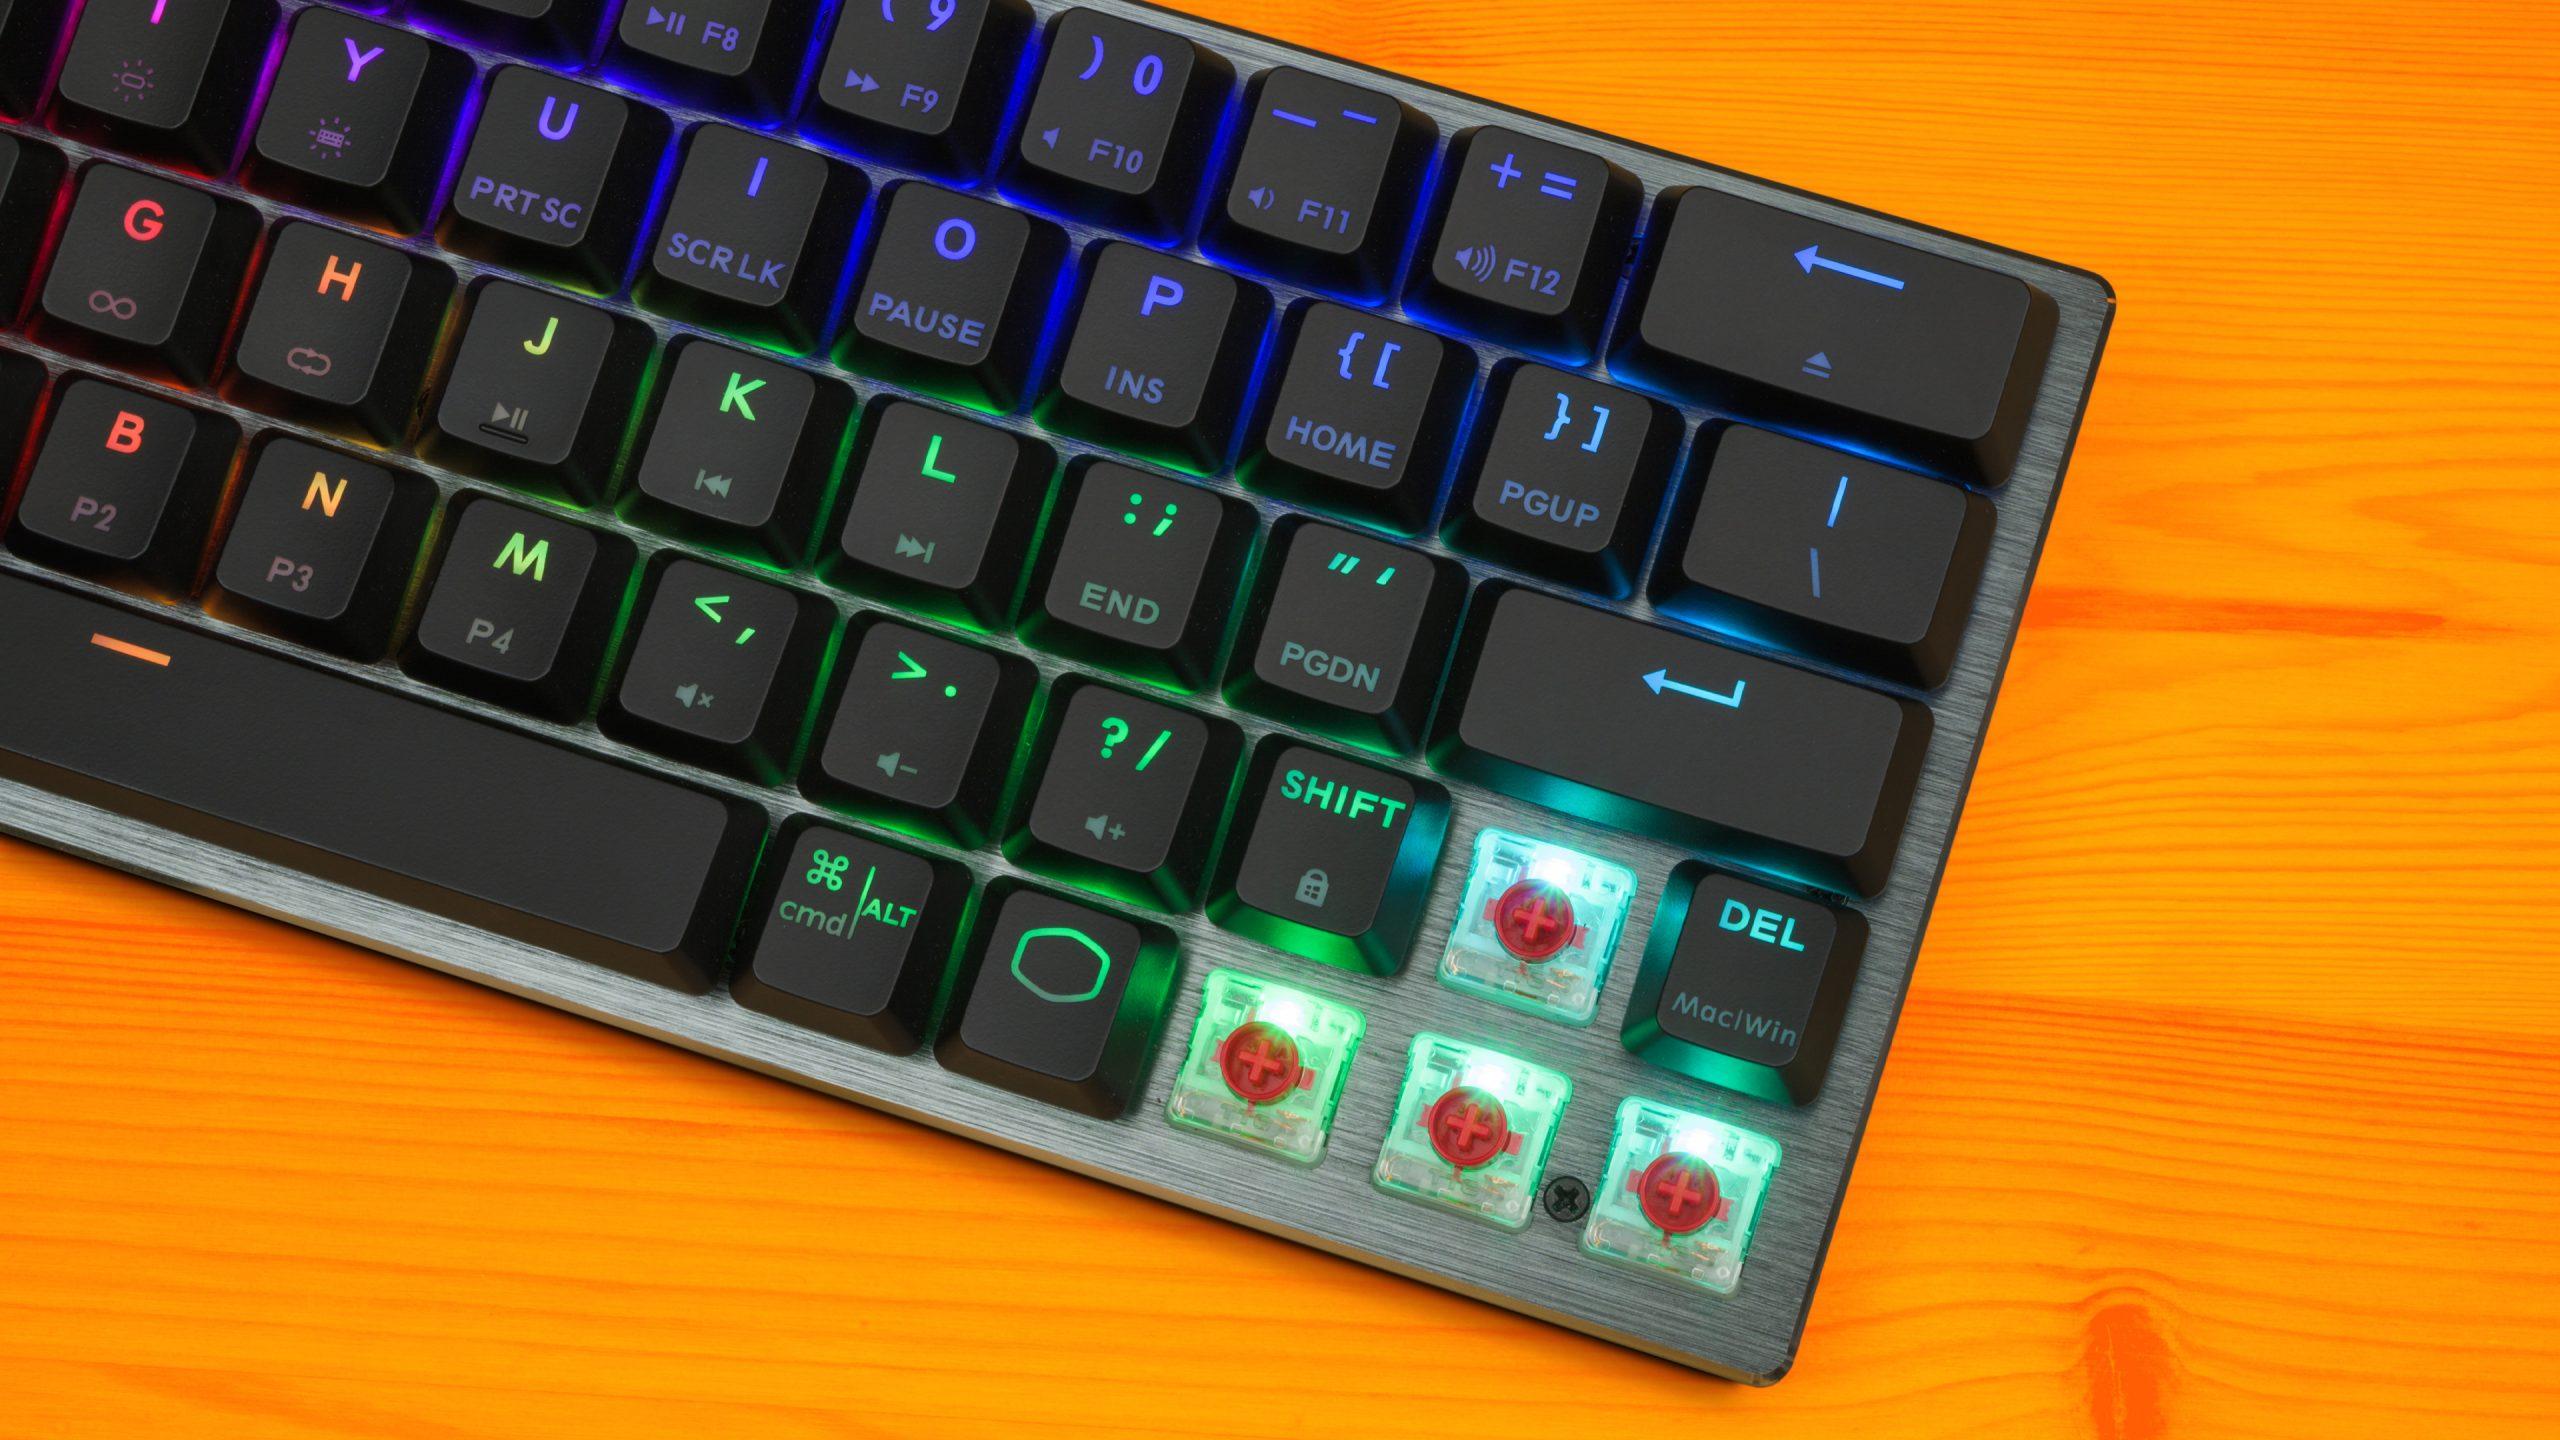 Foto van de rechterzijde van de Cooler Master SK622, met de keycaps van de pijltjestoetsen verwijderd.